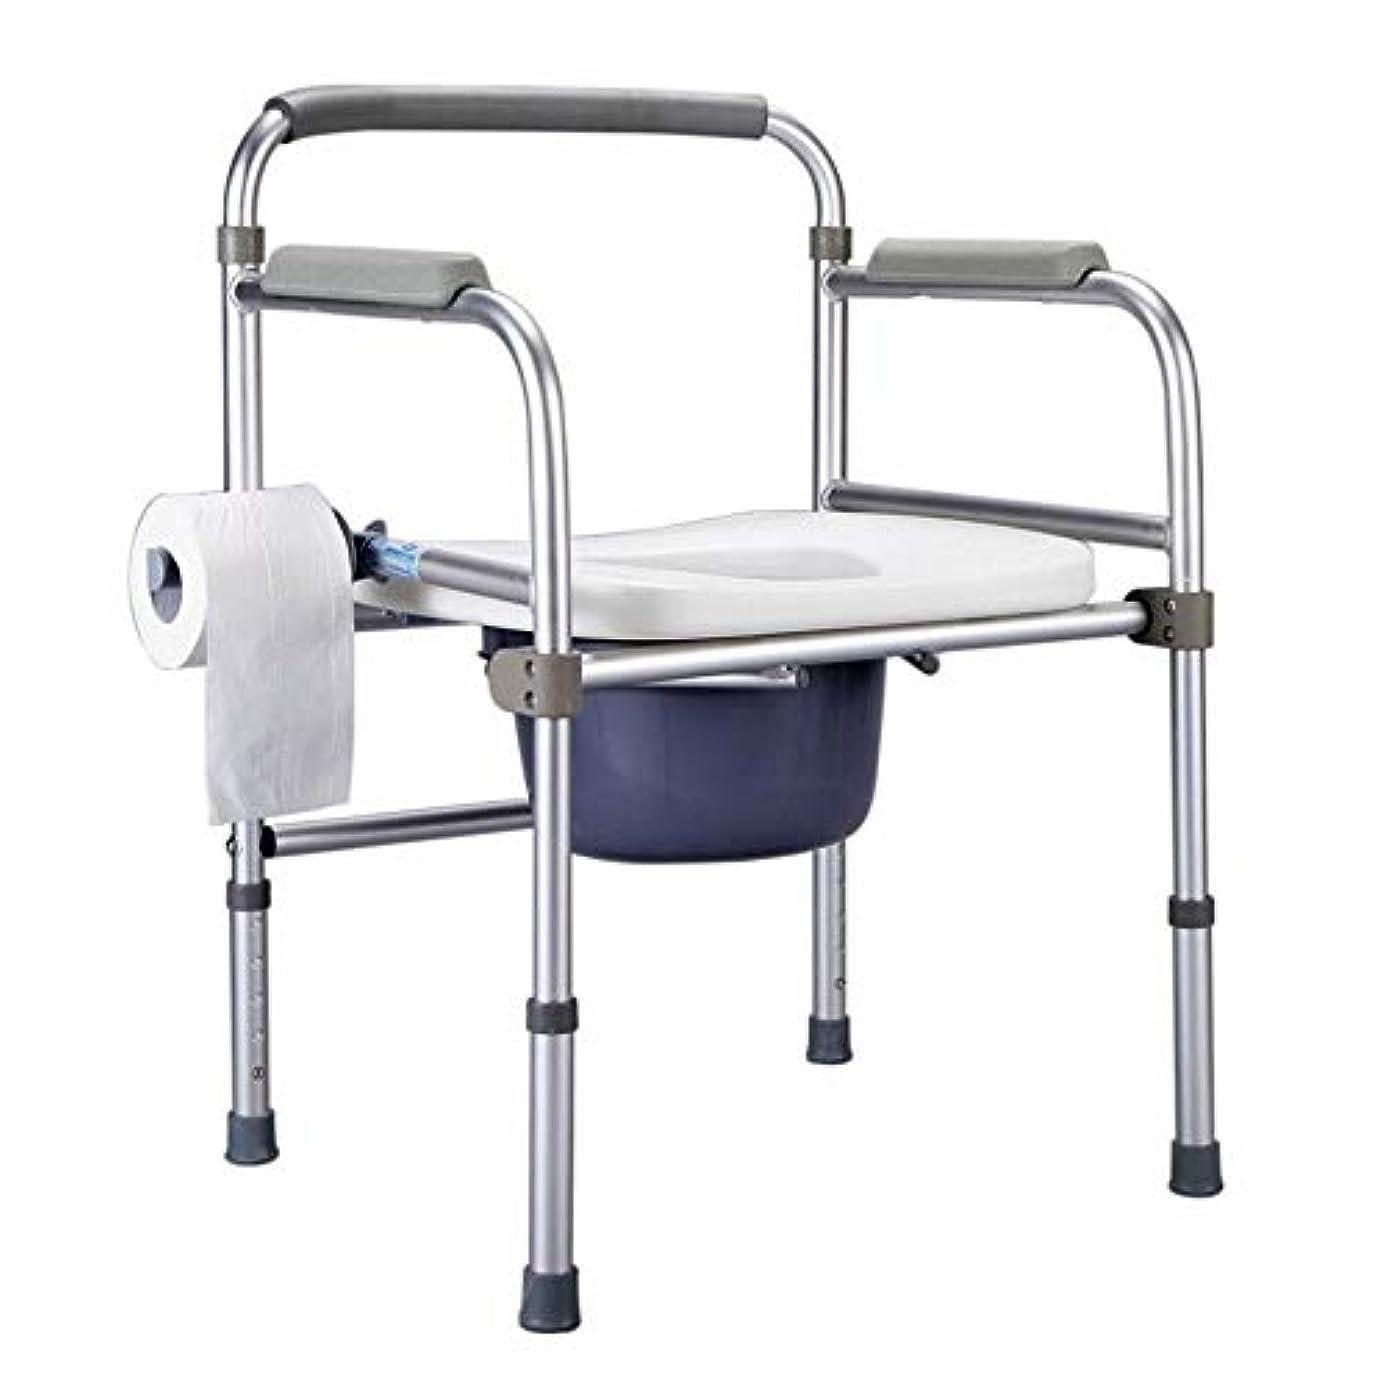 驚メッセンジャーチョップポータブル折りたたみ椅子椅子とサラウンドトイレ老人移動トイレチェアペーパータオルホルダー付き妊婦シャワーチェア